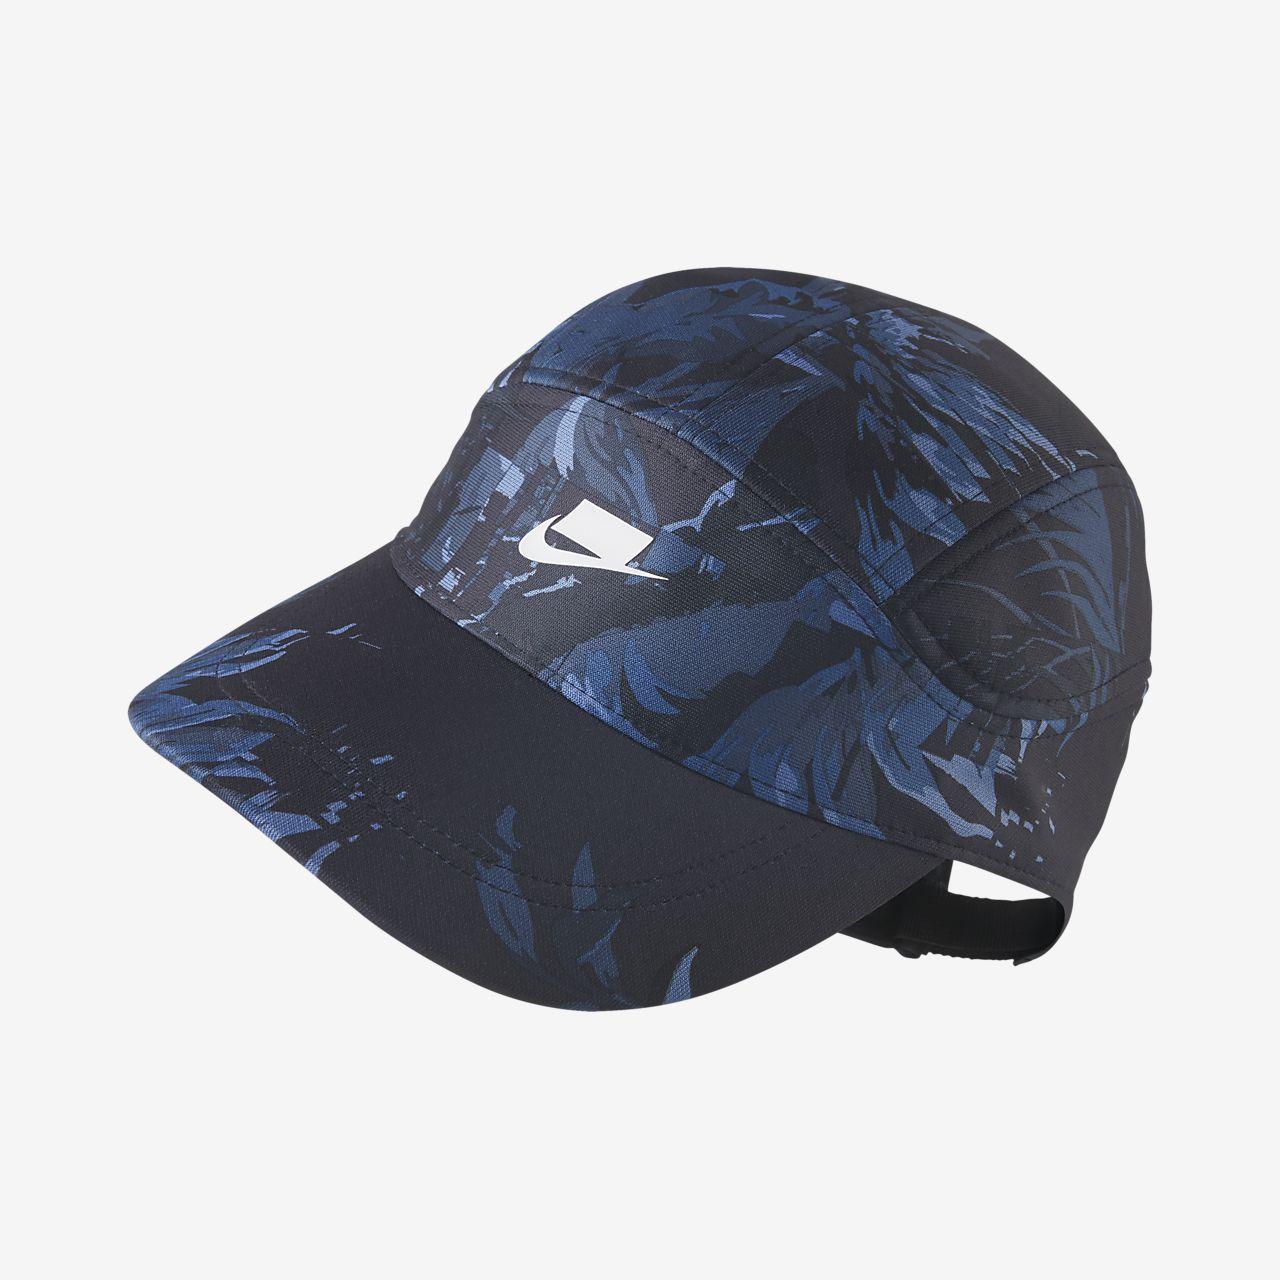 Nike Sportswear Tailwind Floral 可调节运动帽